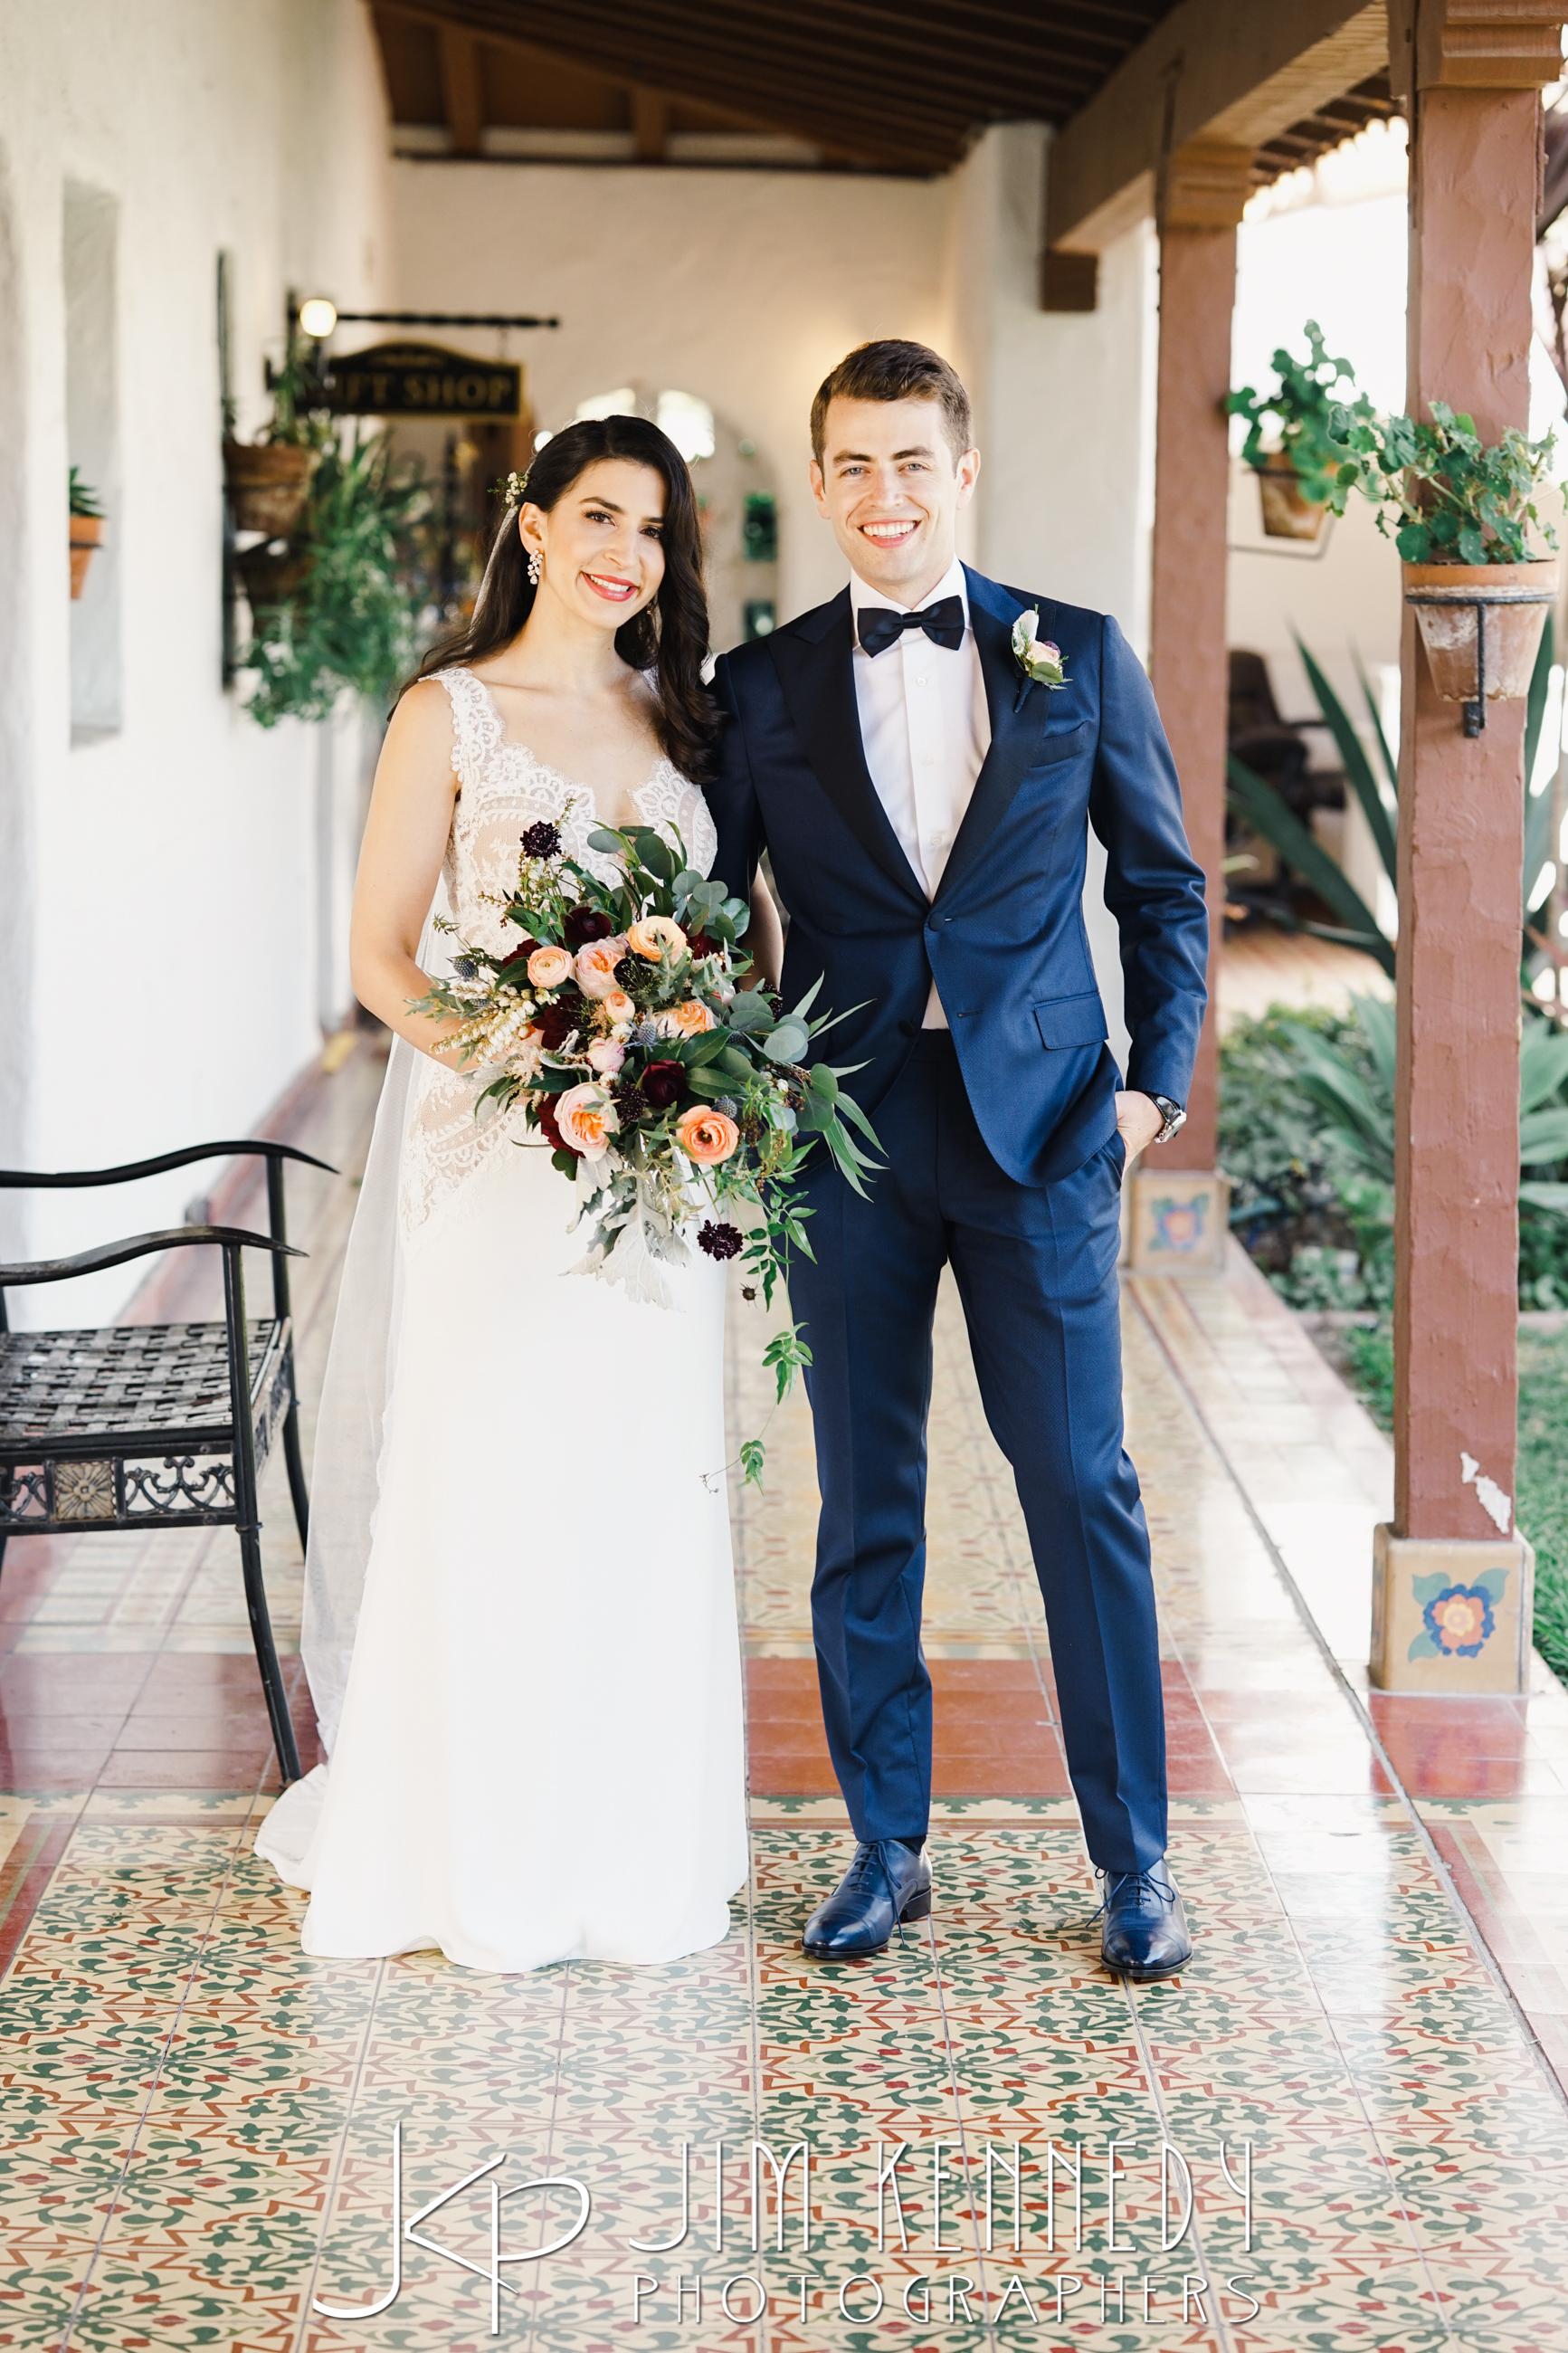 casa_romantica_wedding_marissa_0060.JPG